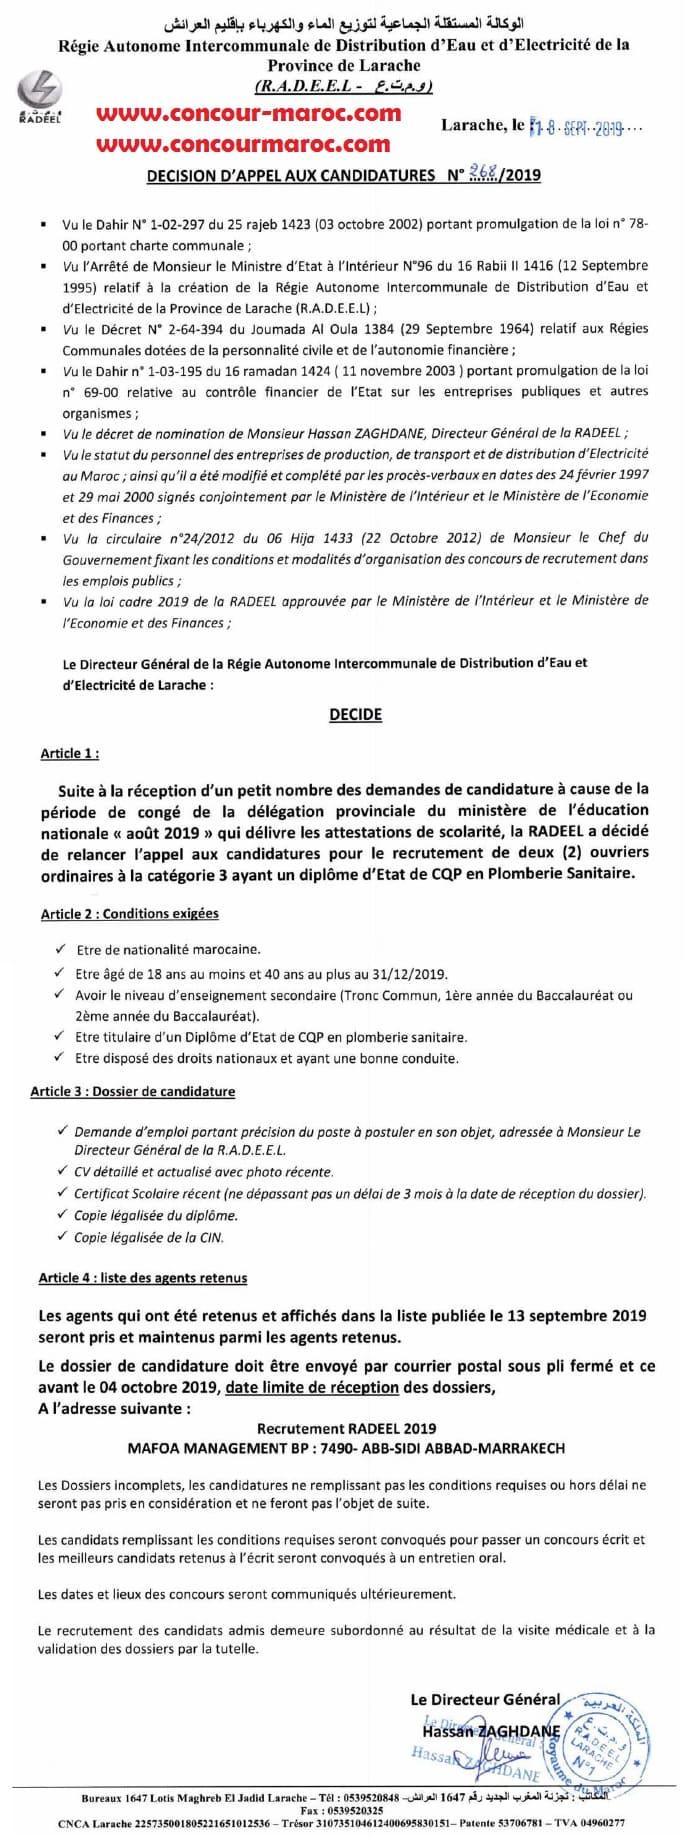 الوكالة المستقلة لتوزيع الماء والكهرباء بالعرائش: مباراة توظيف 07 عمال مؤهلين الترشيح قبل 04 أكتوبر 2019 Radeel11